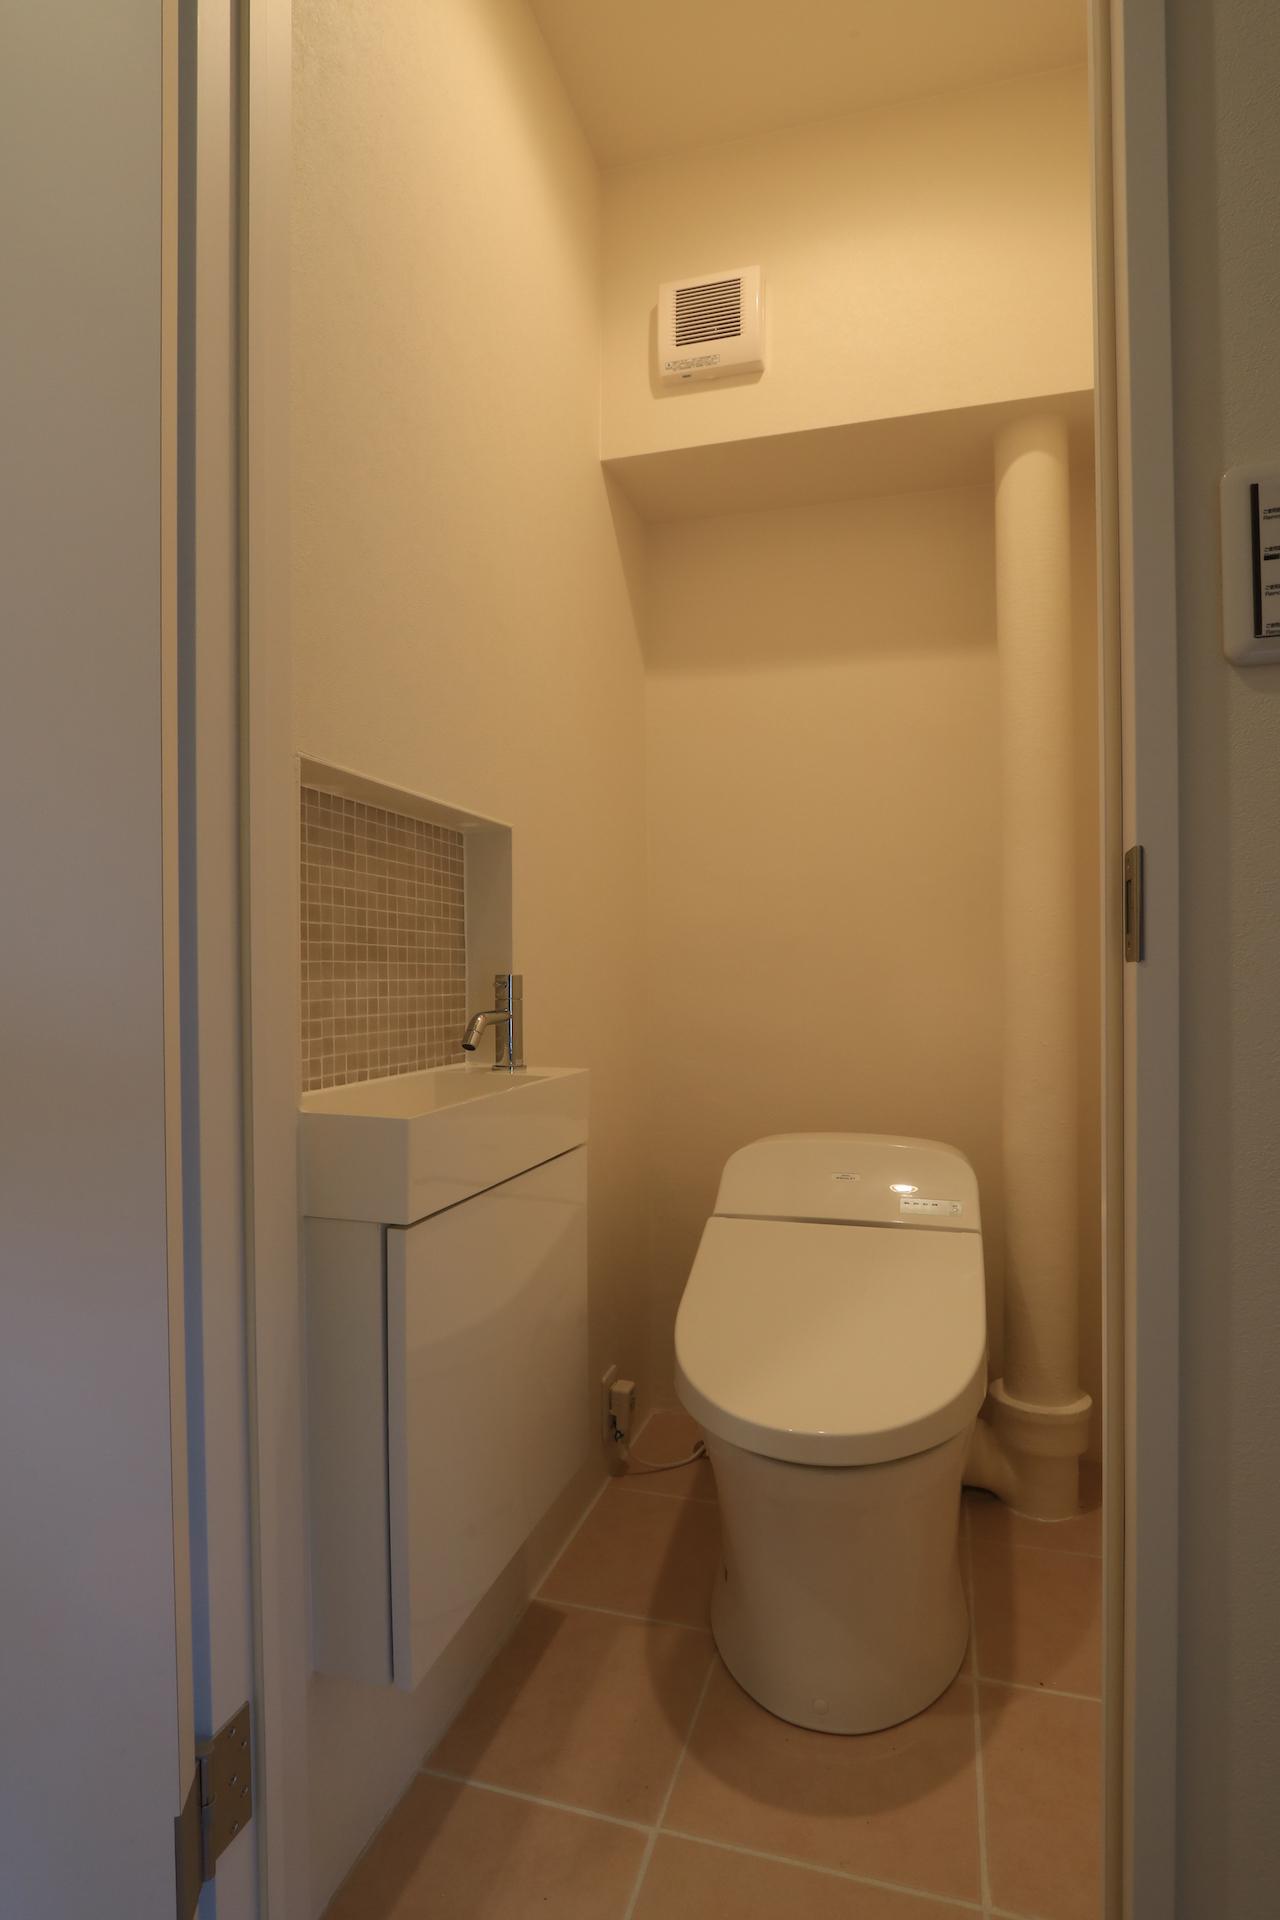 収納手洗い付きのタンクレストイレ